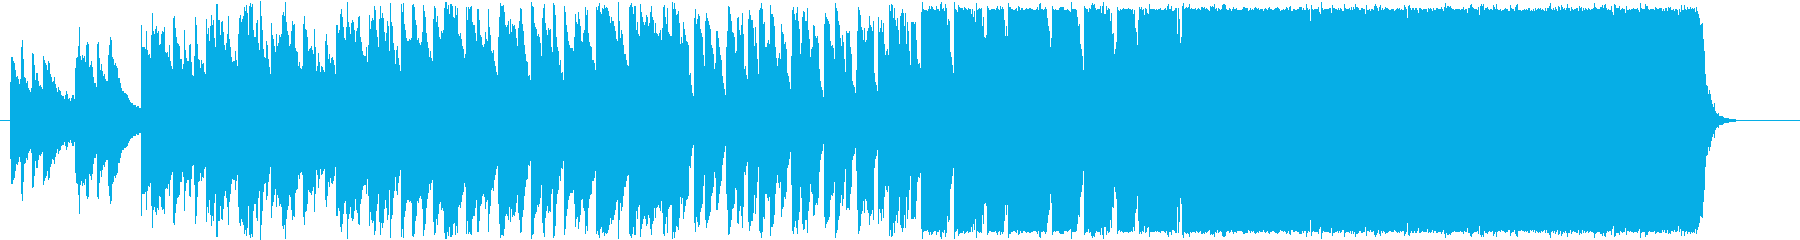 和風な星空をイメージした三拍子のBGMの再生済みの波形